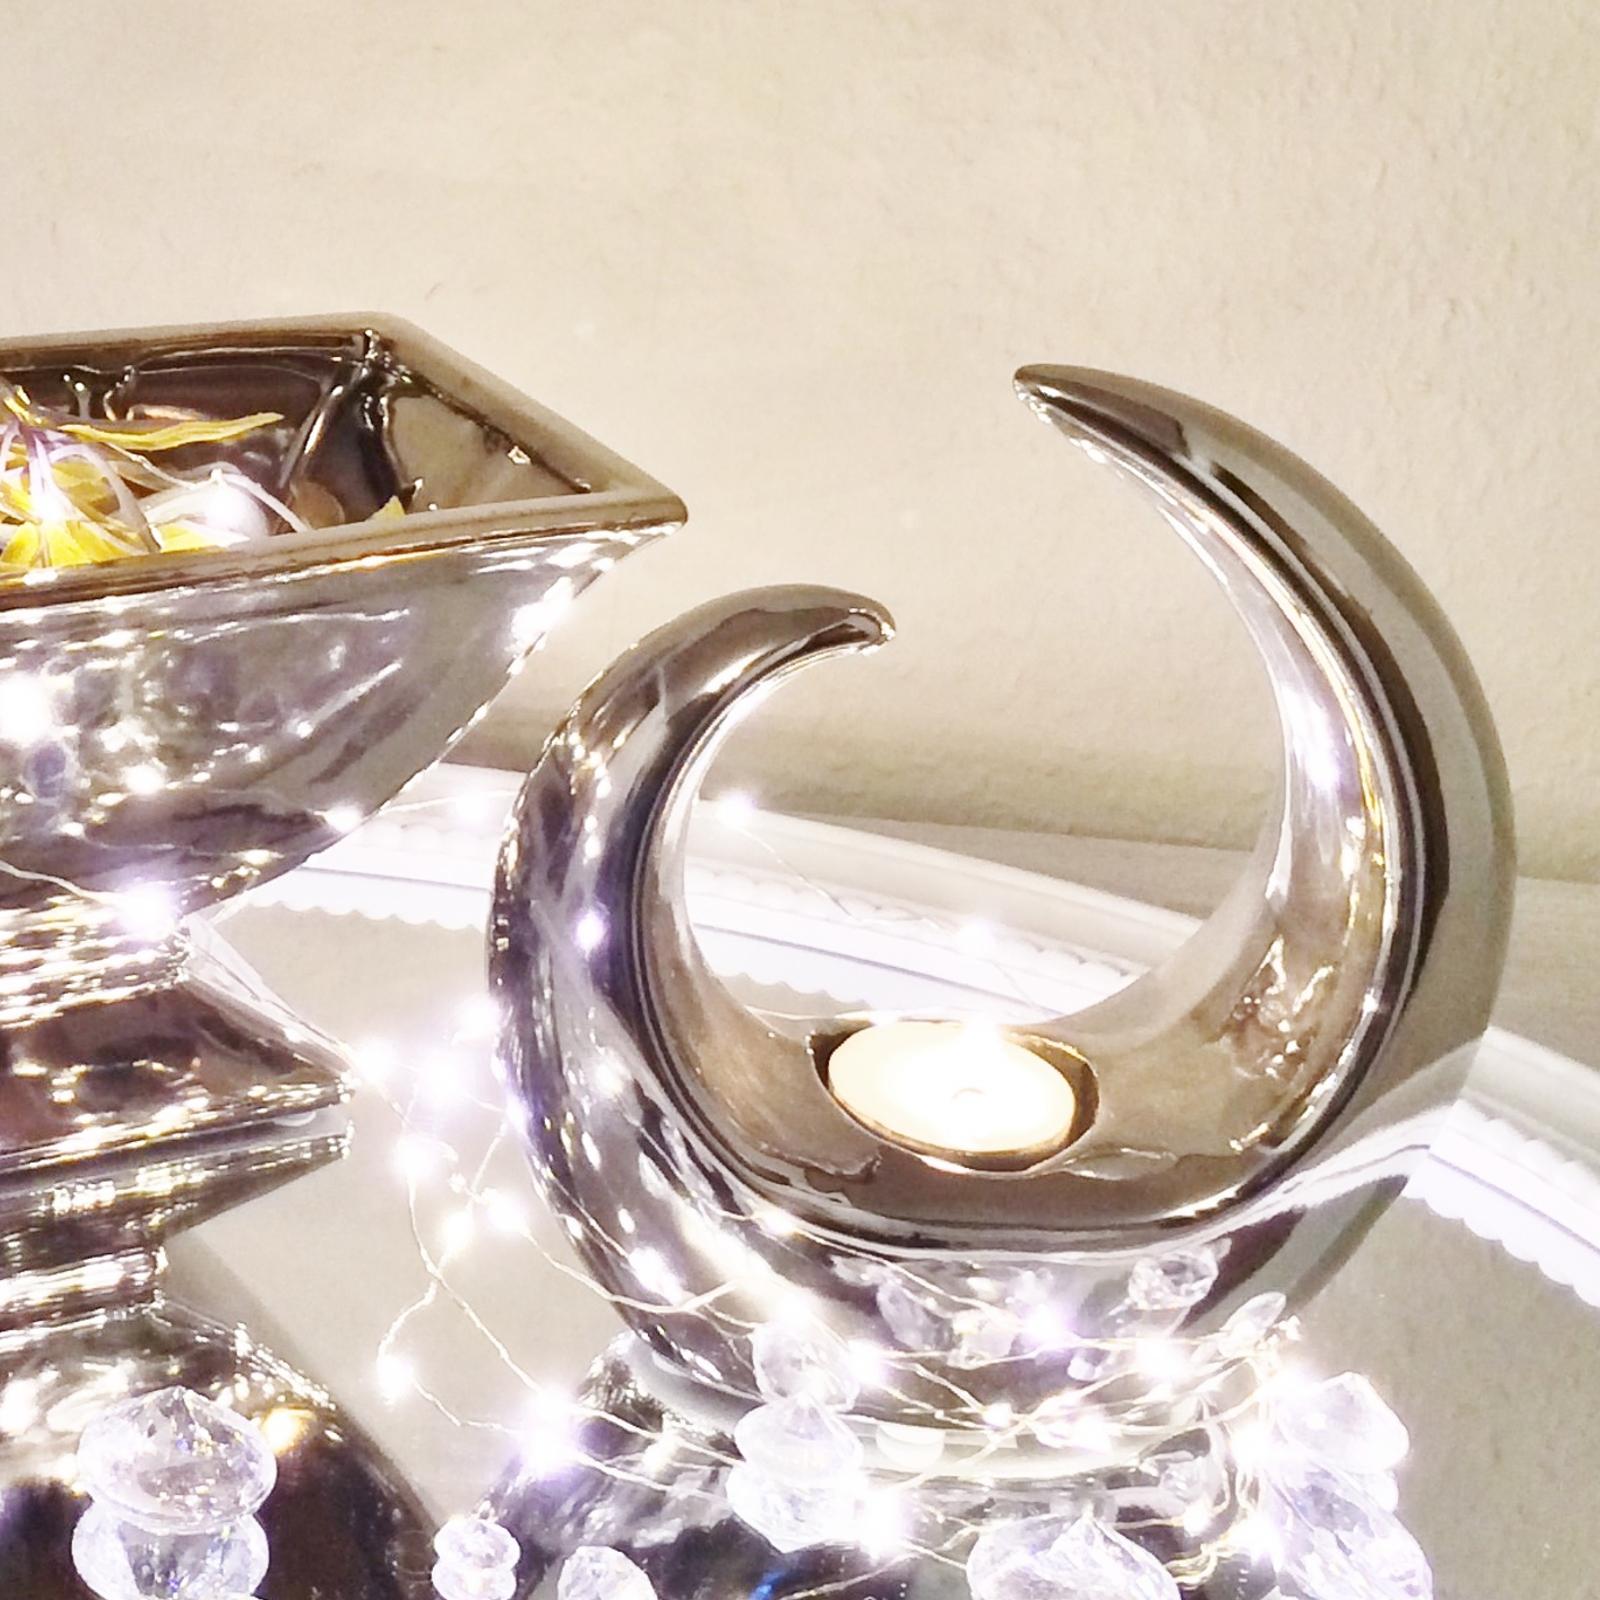 Teelichhalter teelicht deko figur objekt creek skulptur for Teelicht deko